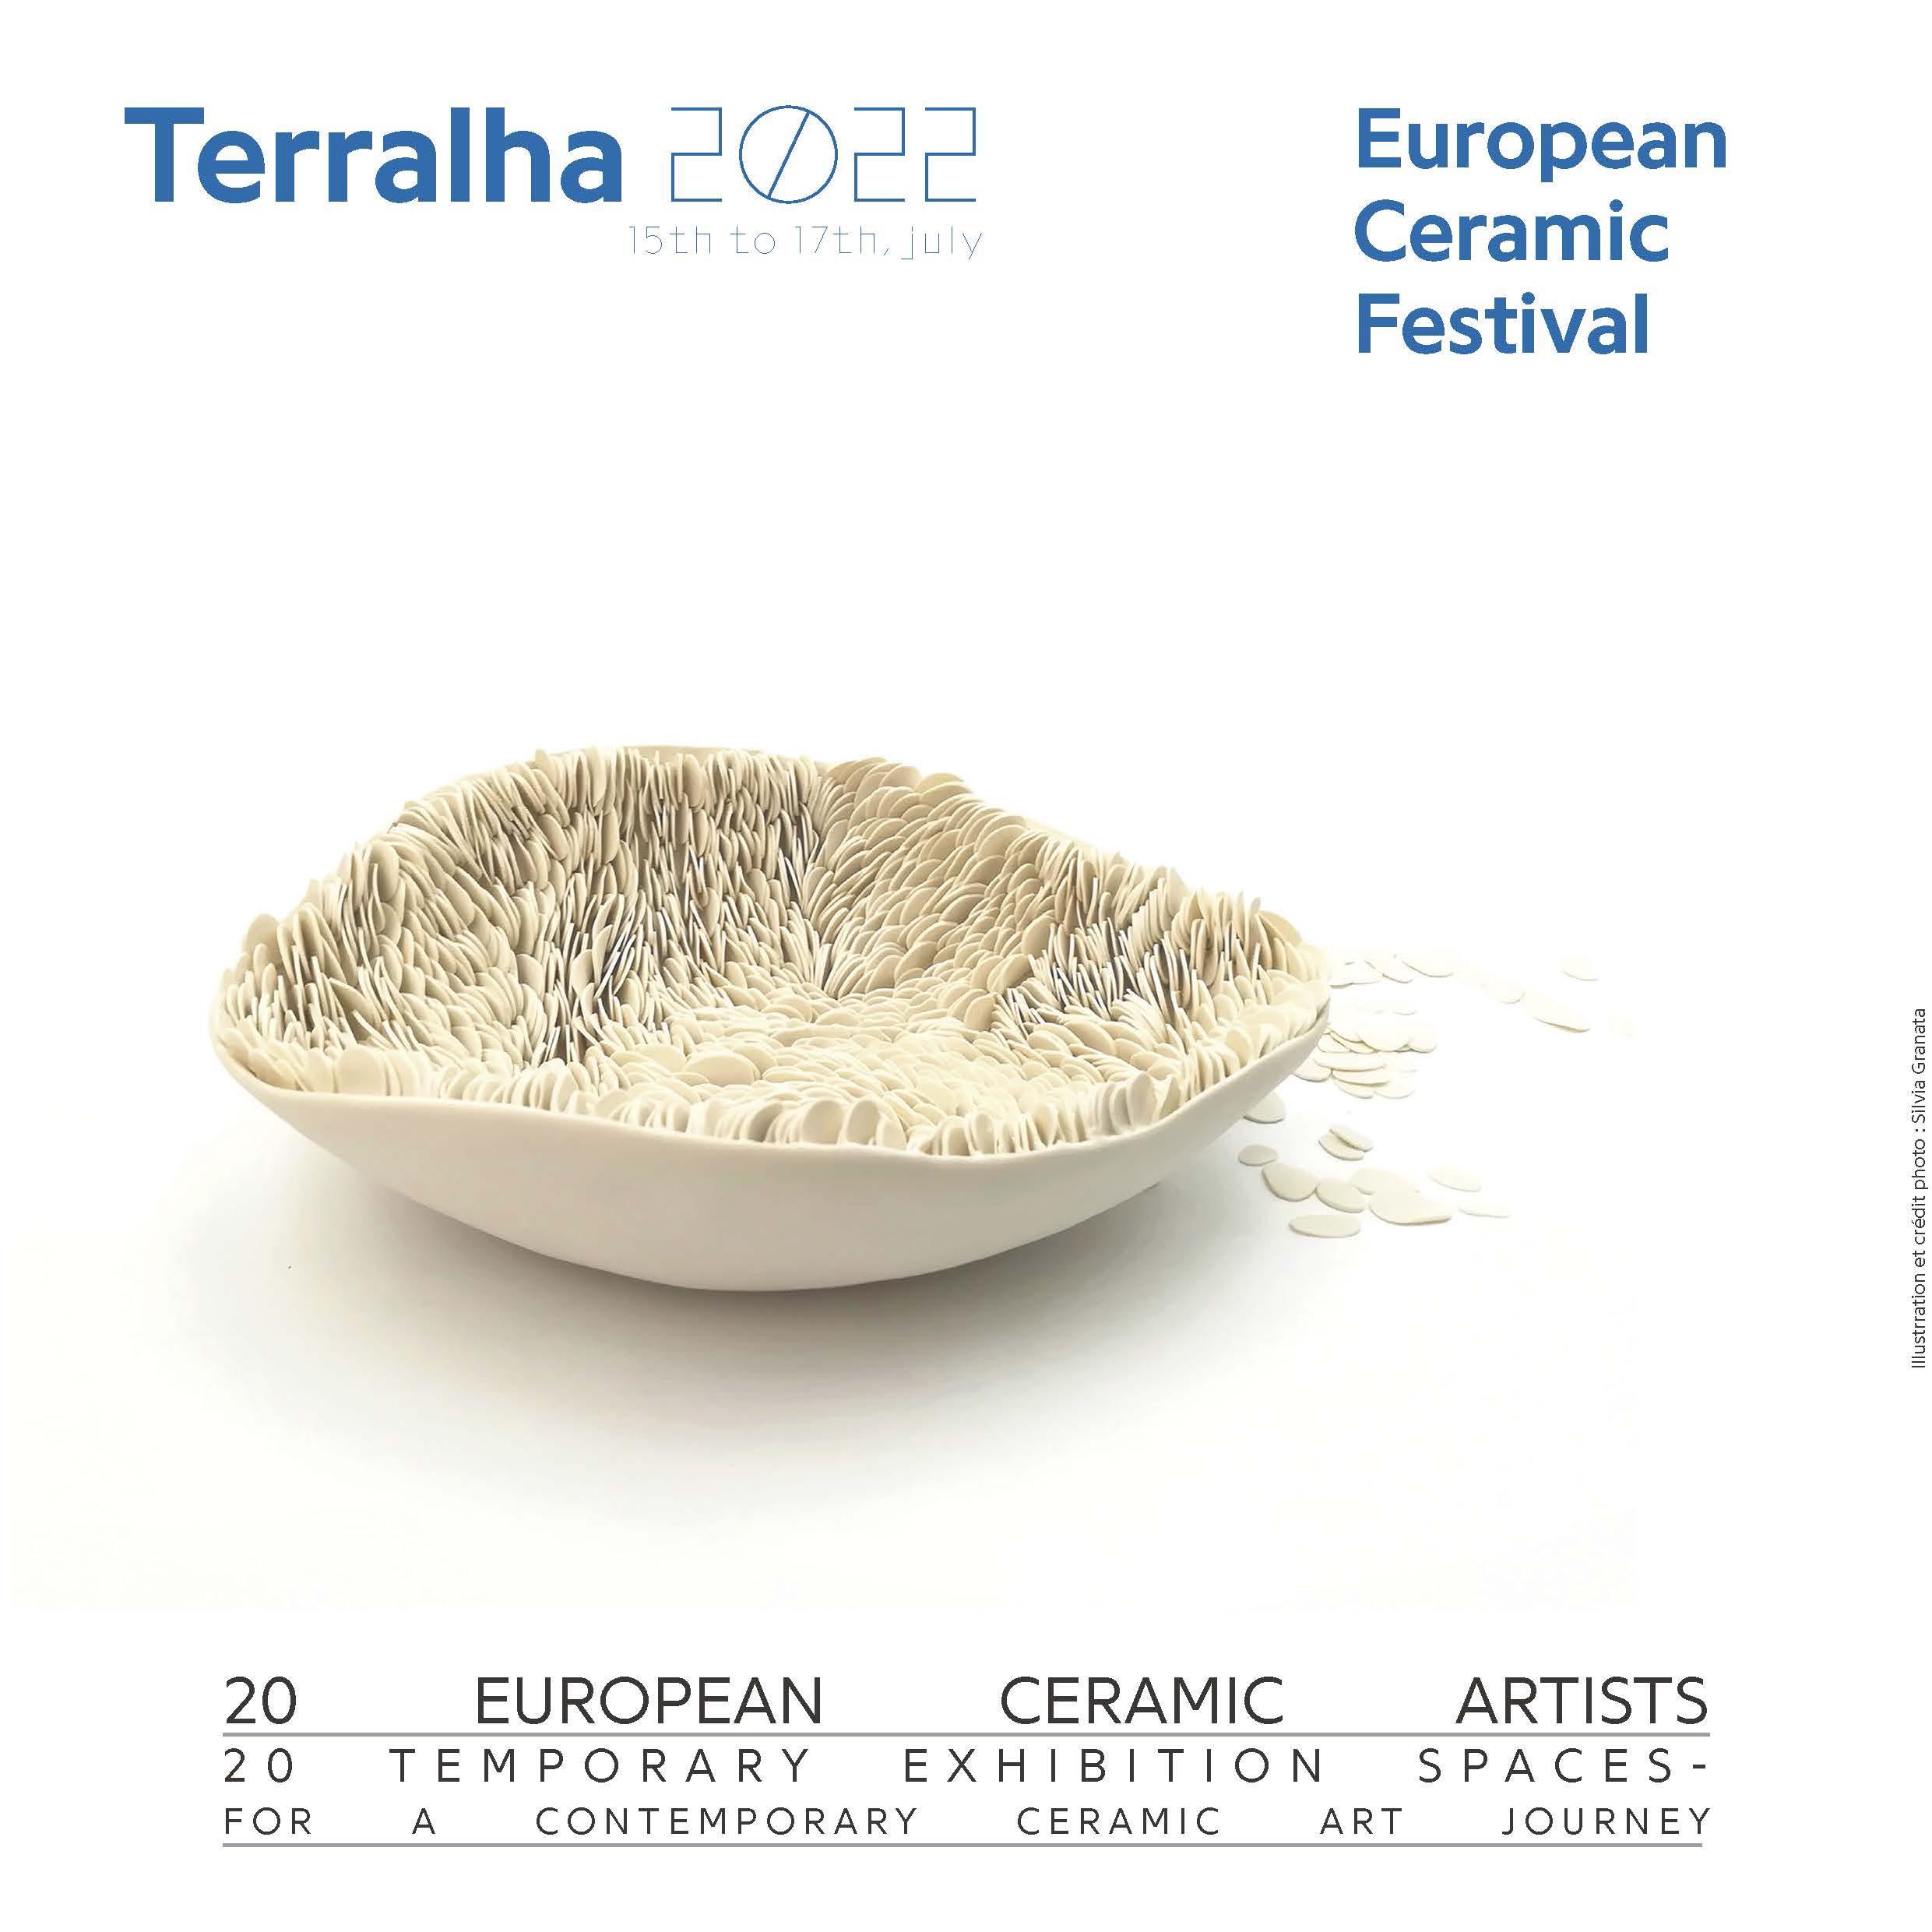 European Ceramic Festival. Terralha 2022